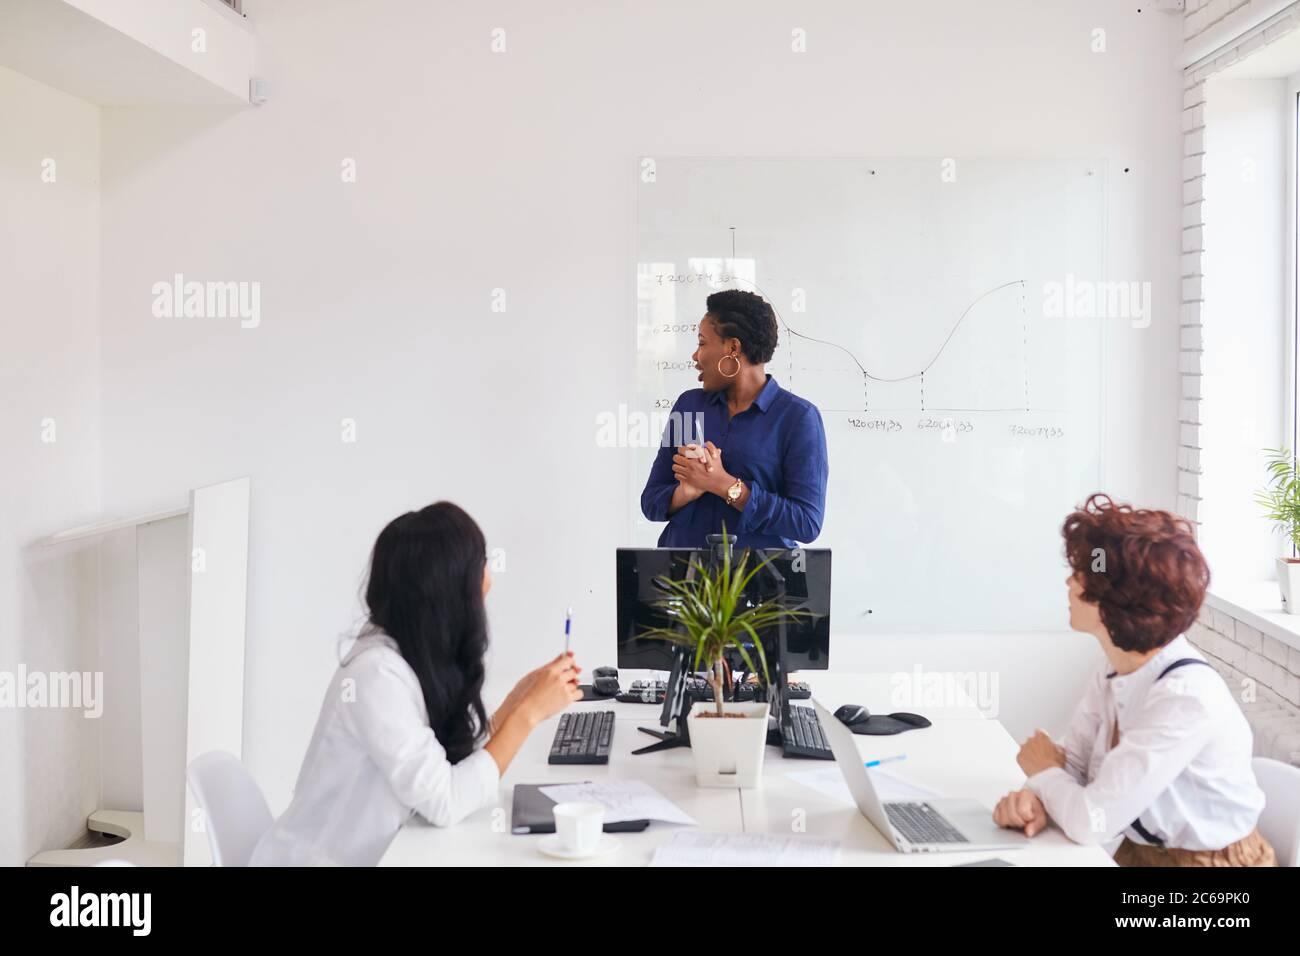 Groupe international de femmes discutant d'affaires, entraîneur africain en bureau avec intérieur blanc. Schéma, graphiques derrière Banque D'Images